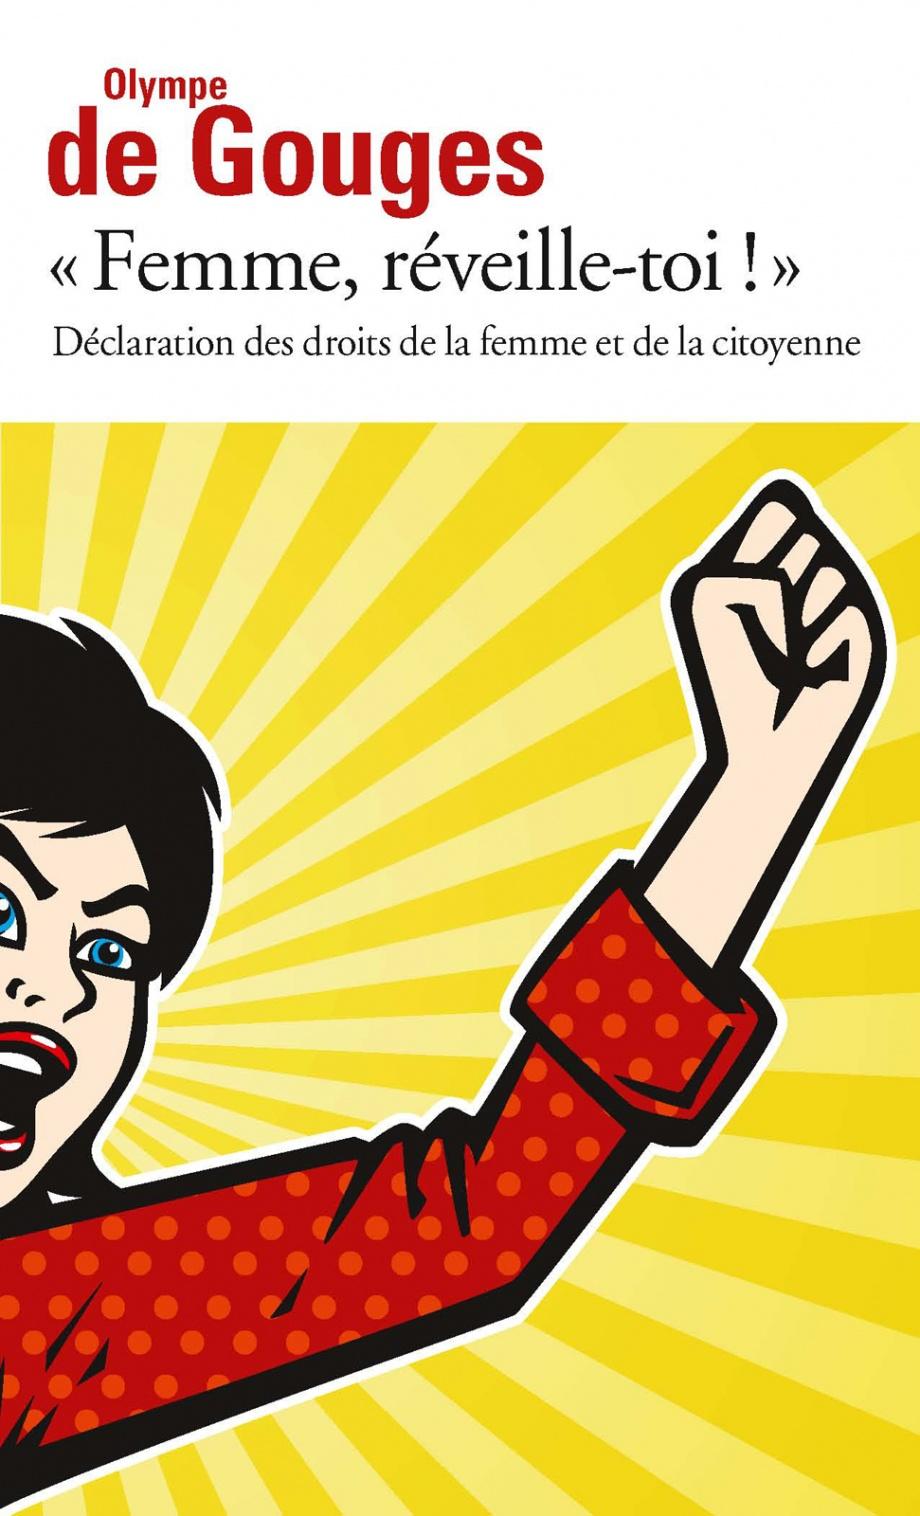 Déclaration des droits de la femme et de la citoyenne Olympe de Gouges Gallimard 2014